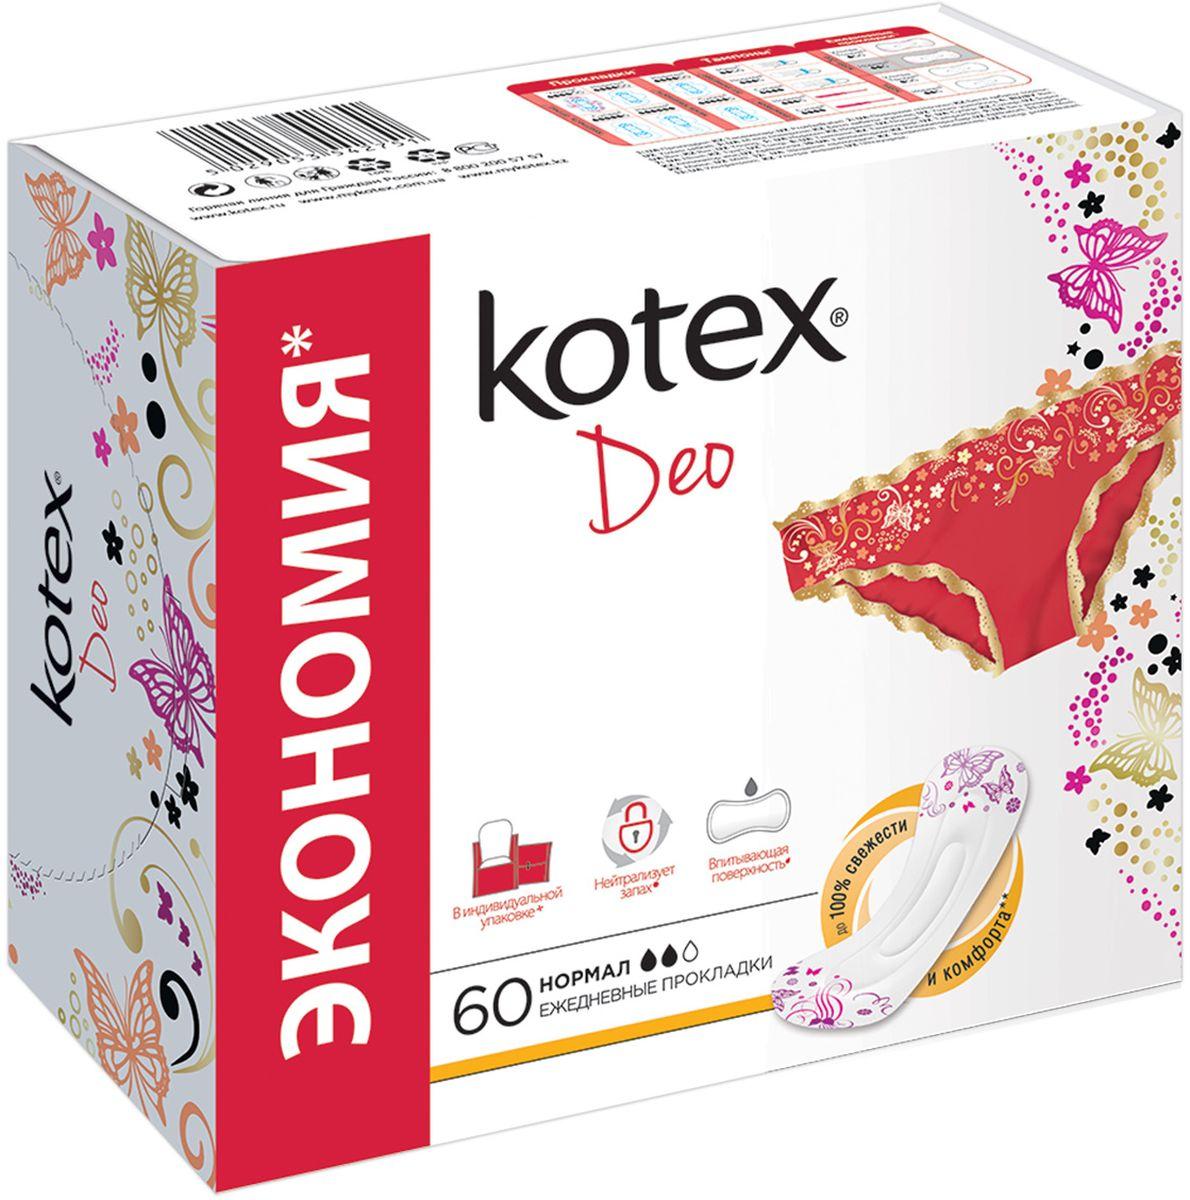 Kotex Ежедневные прокладки Normal Deo, 60 шт5029053542751Ежедневные прокладки Kotex Normal Deo помогают чувствовать себя увереннее, особенно в условиях современного активного ритма жизни. Тонкие, эластичные и дышащие ежедневные прокладки Kotex Normal Deo помогут оставаться уверенной в себе каждую минуту. Kotex подходят как для обычного белья, так и для трусиков-стрингов. Каждая ежедневная прокладка имеет индивидуальную упаковку.Товар сертифицирован.